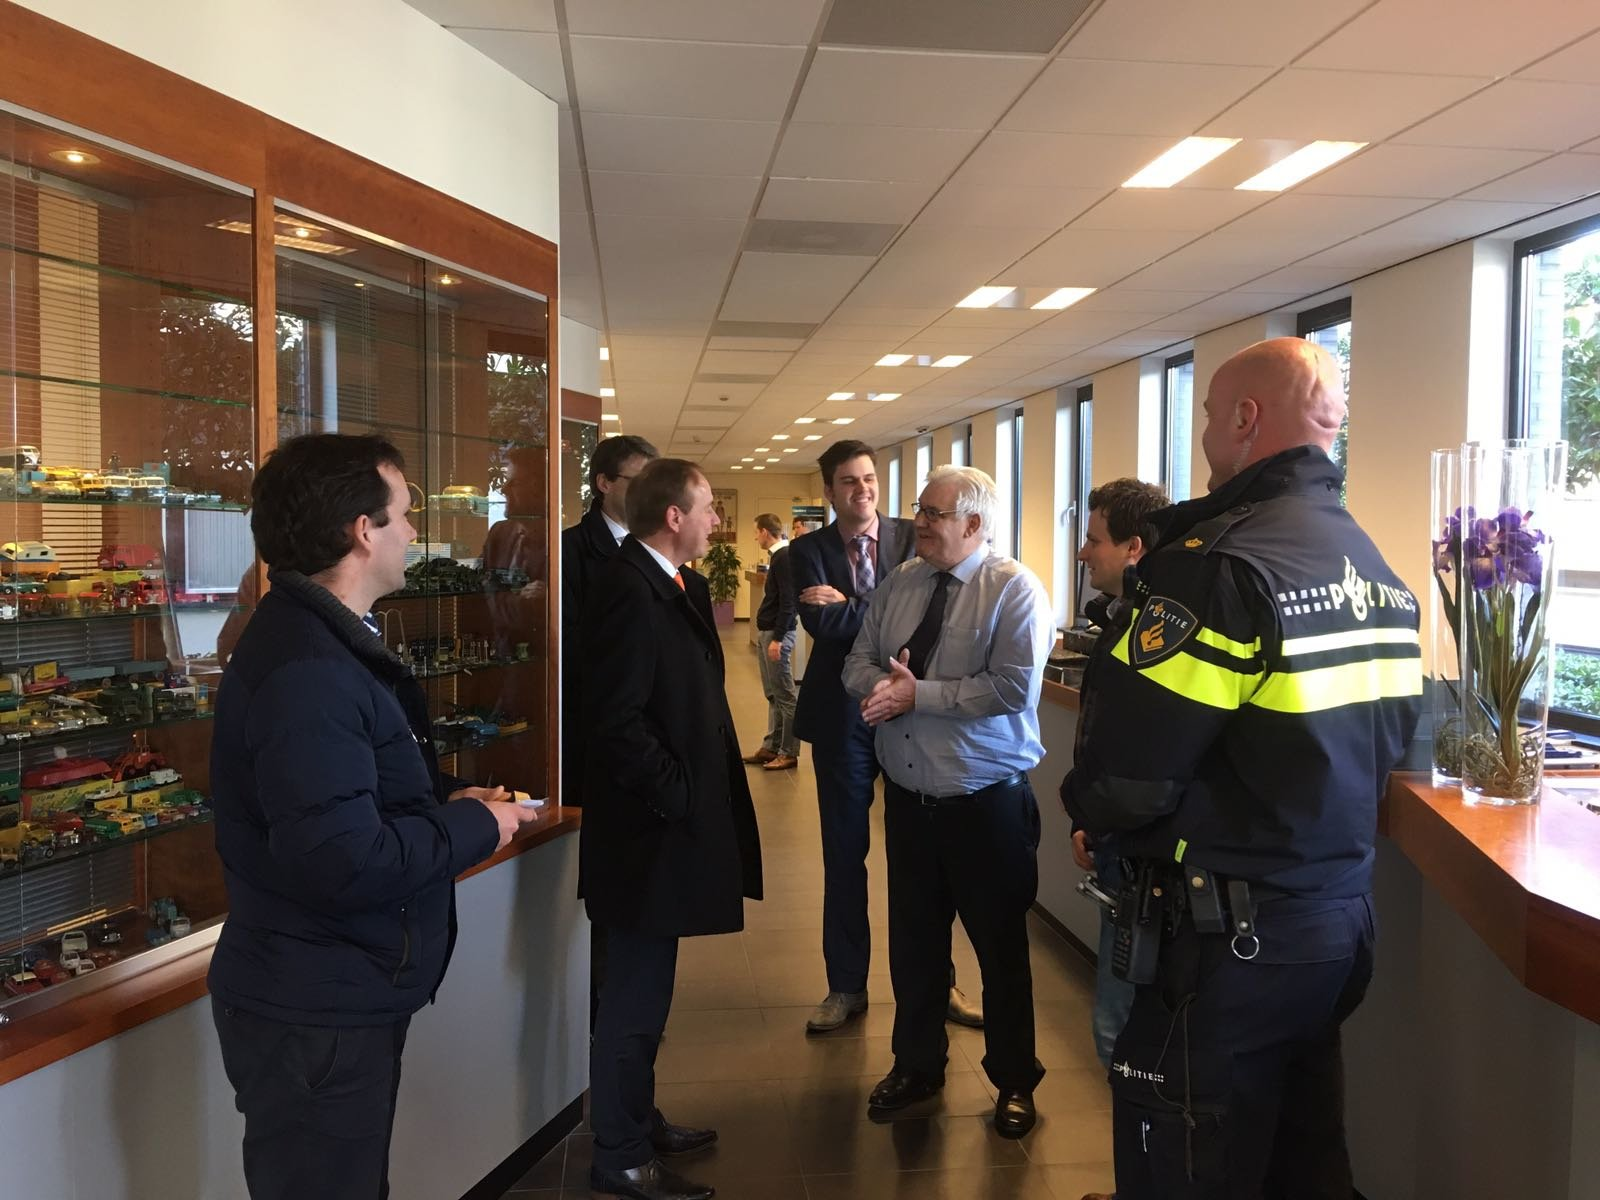 Tweede Kamerlid Van der Staaij bezoekt Goudwisselkantoor